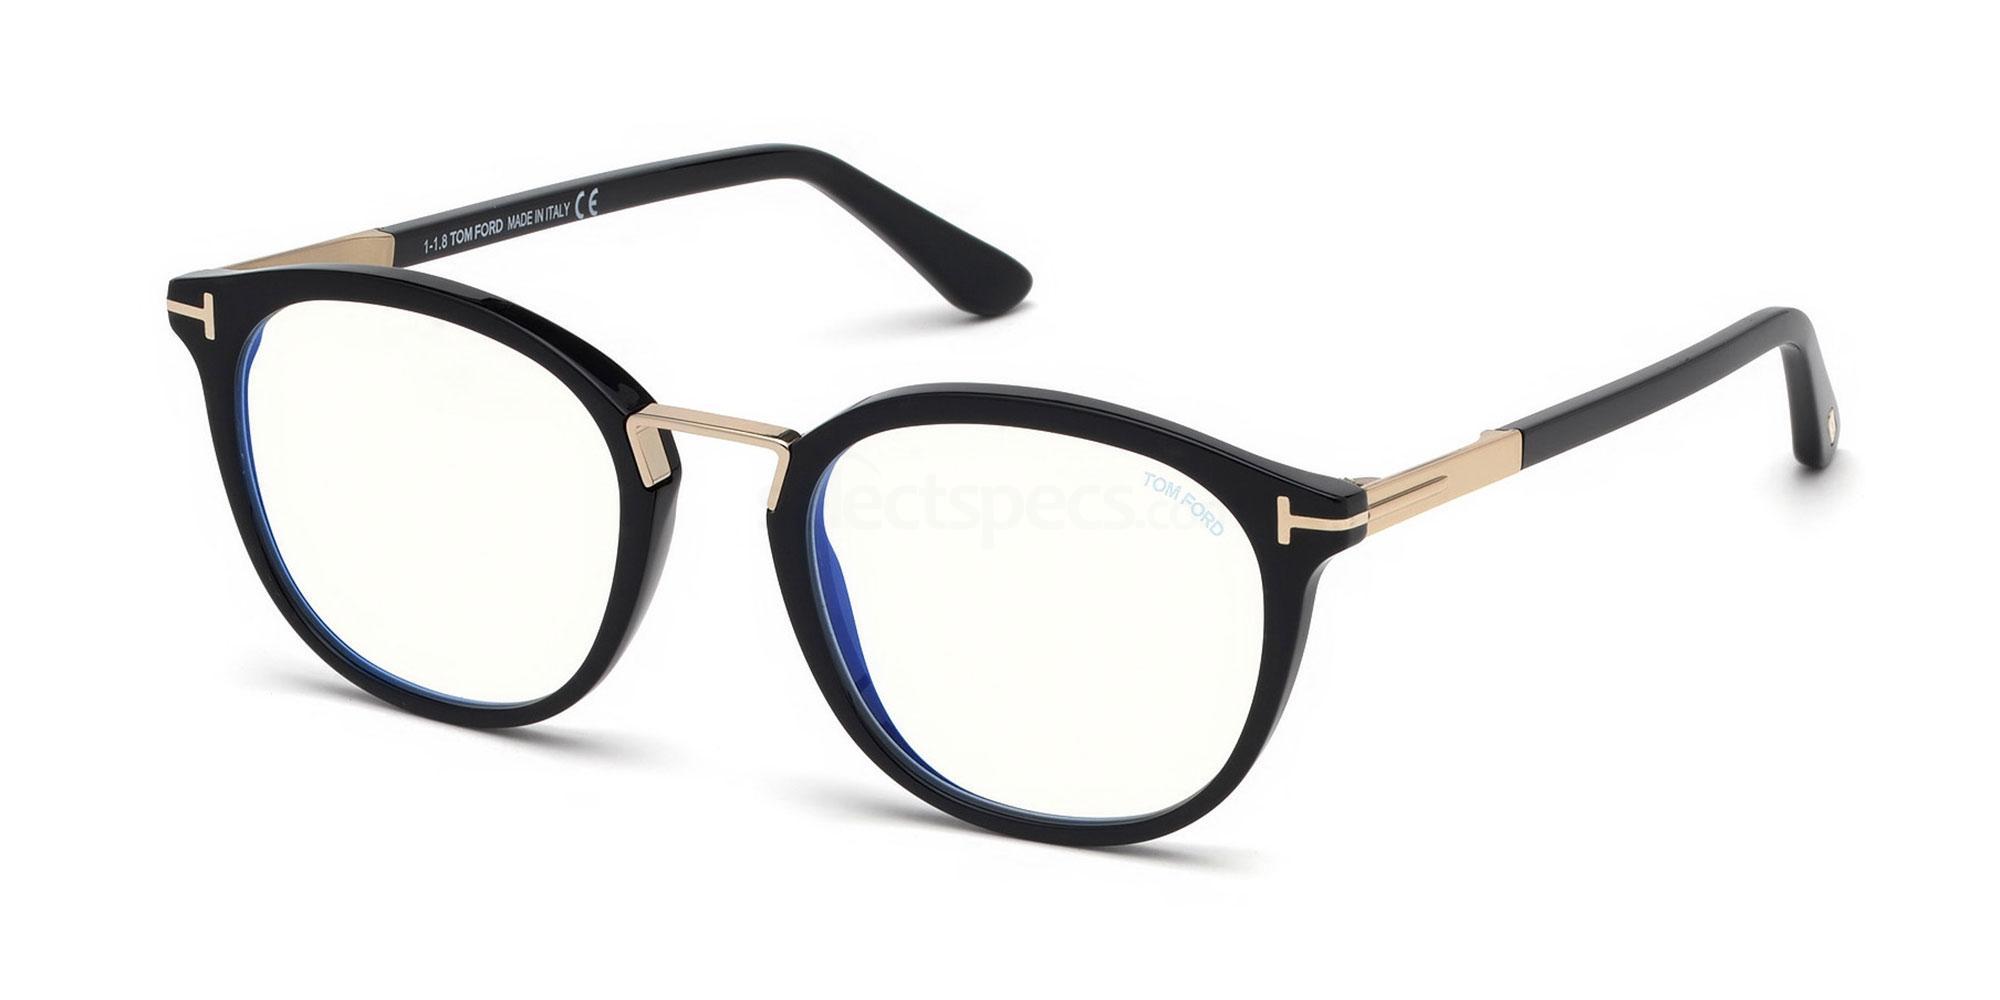 001 FT5555-B Glasses, Tom Ford